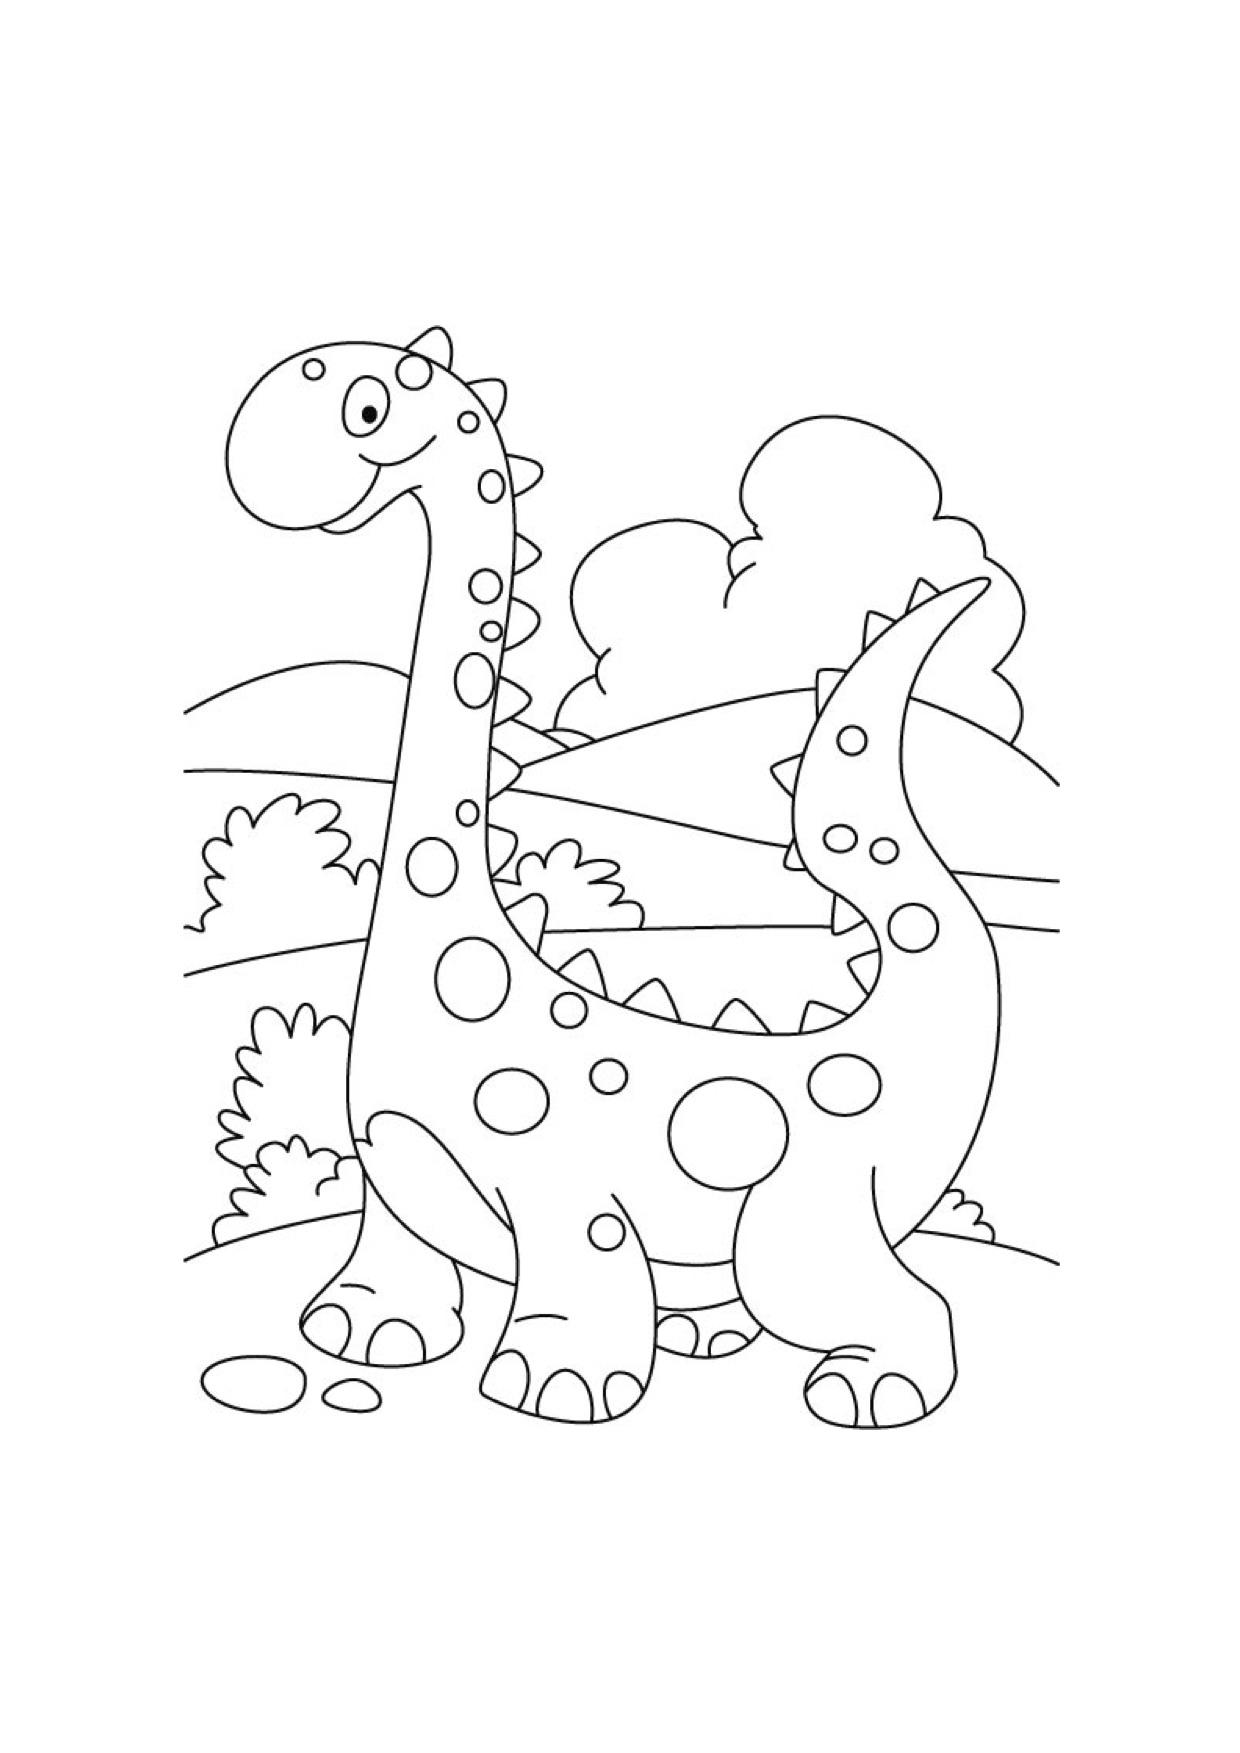 Dinosauro Da Colorare Per Bambini.Disegni Da Colorare Dei Dinosauri Per Bambini Blogmamma It